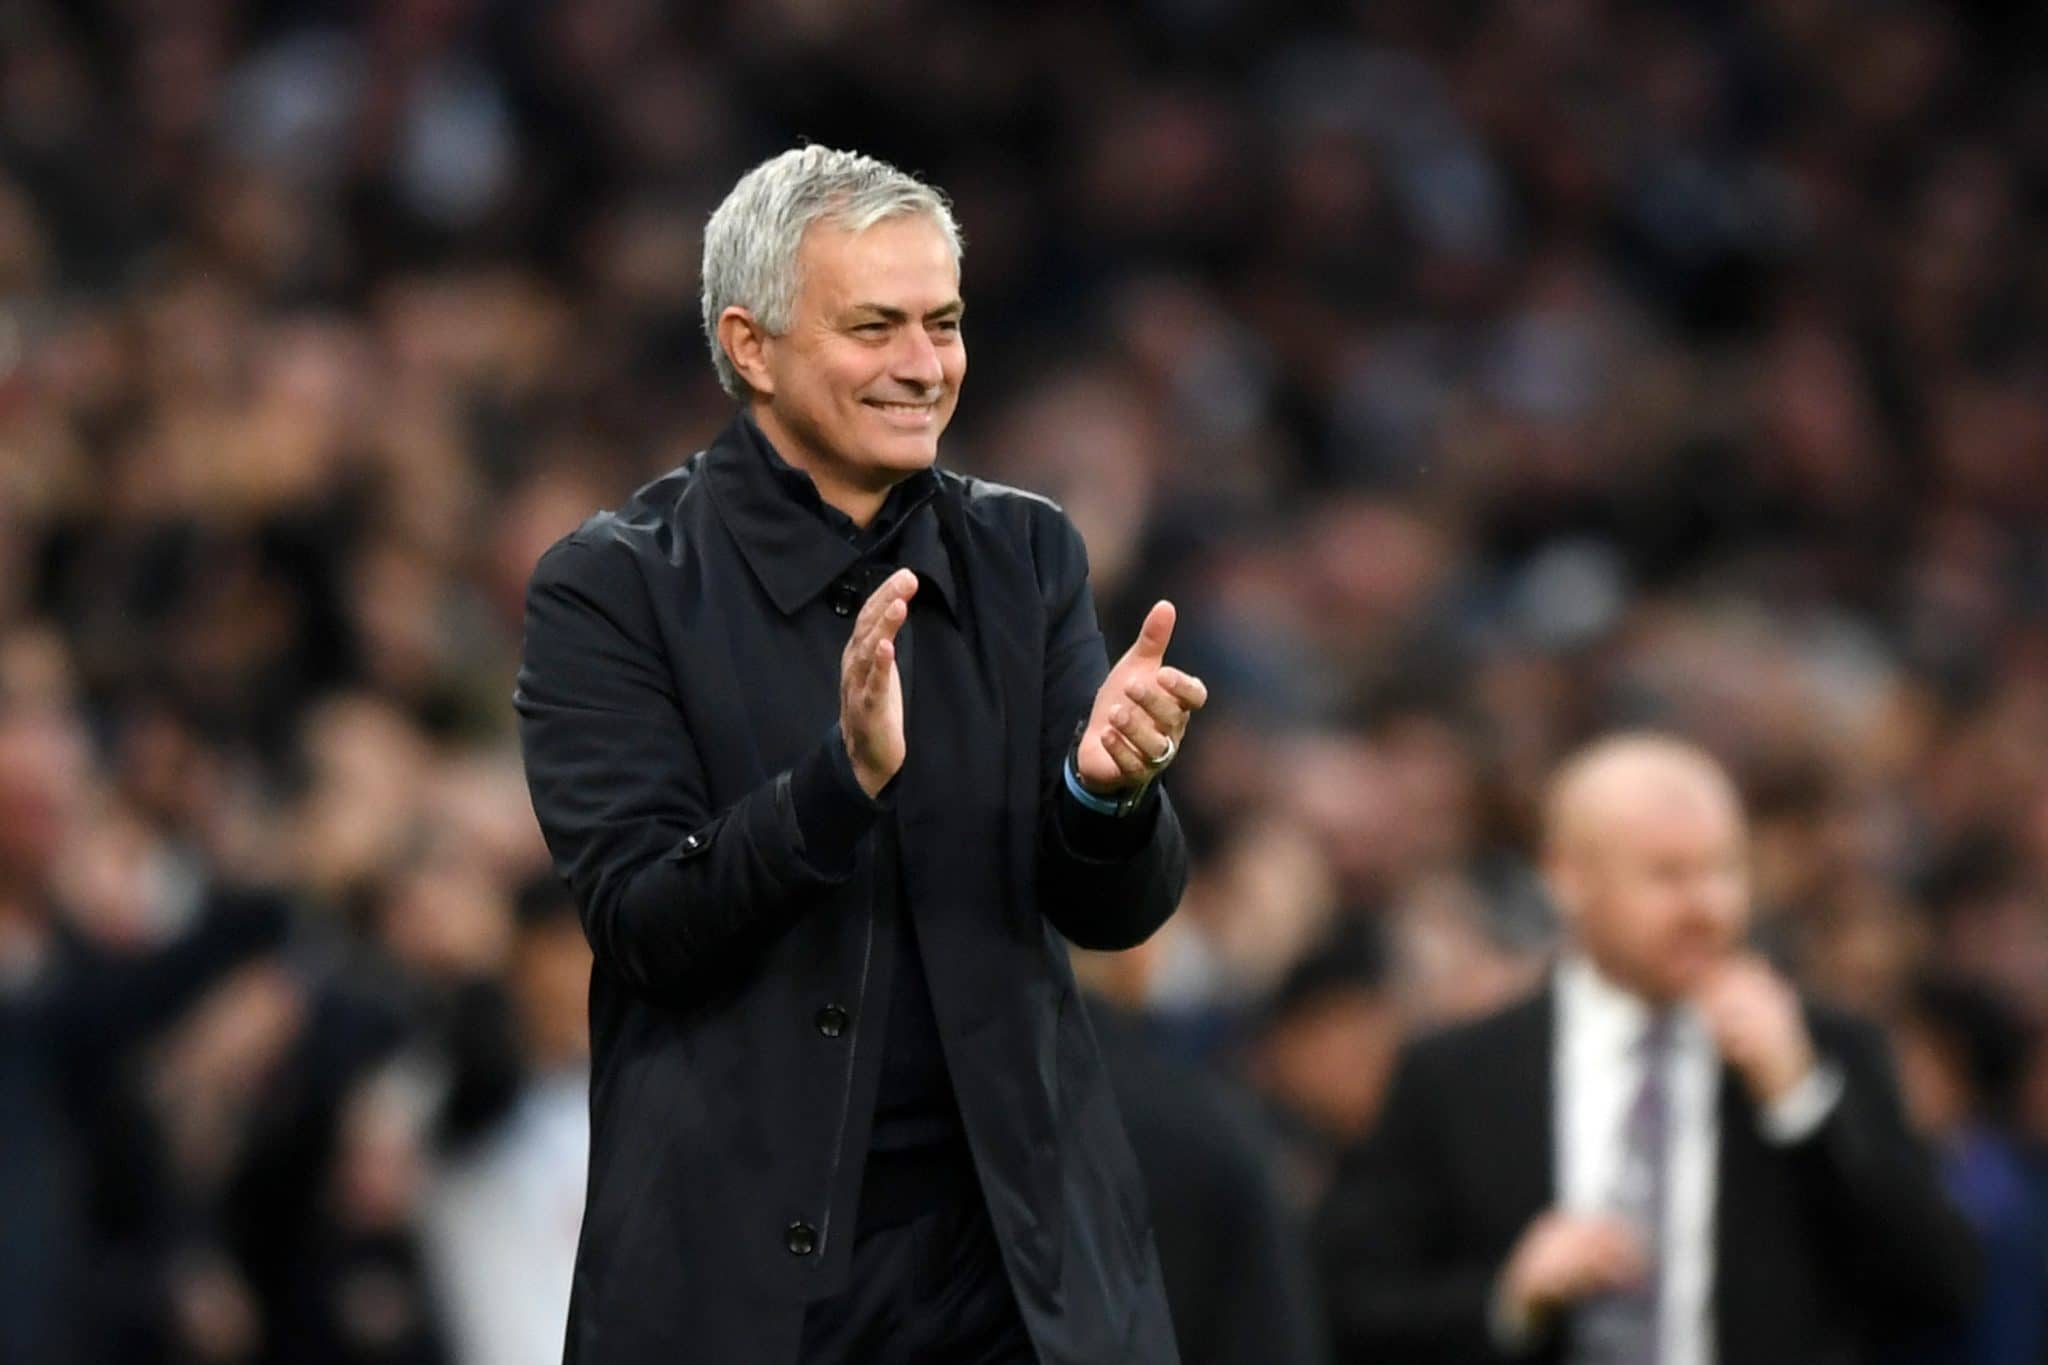 Tottenham Hotspur manager José Mourinho